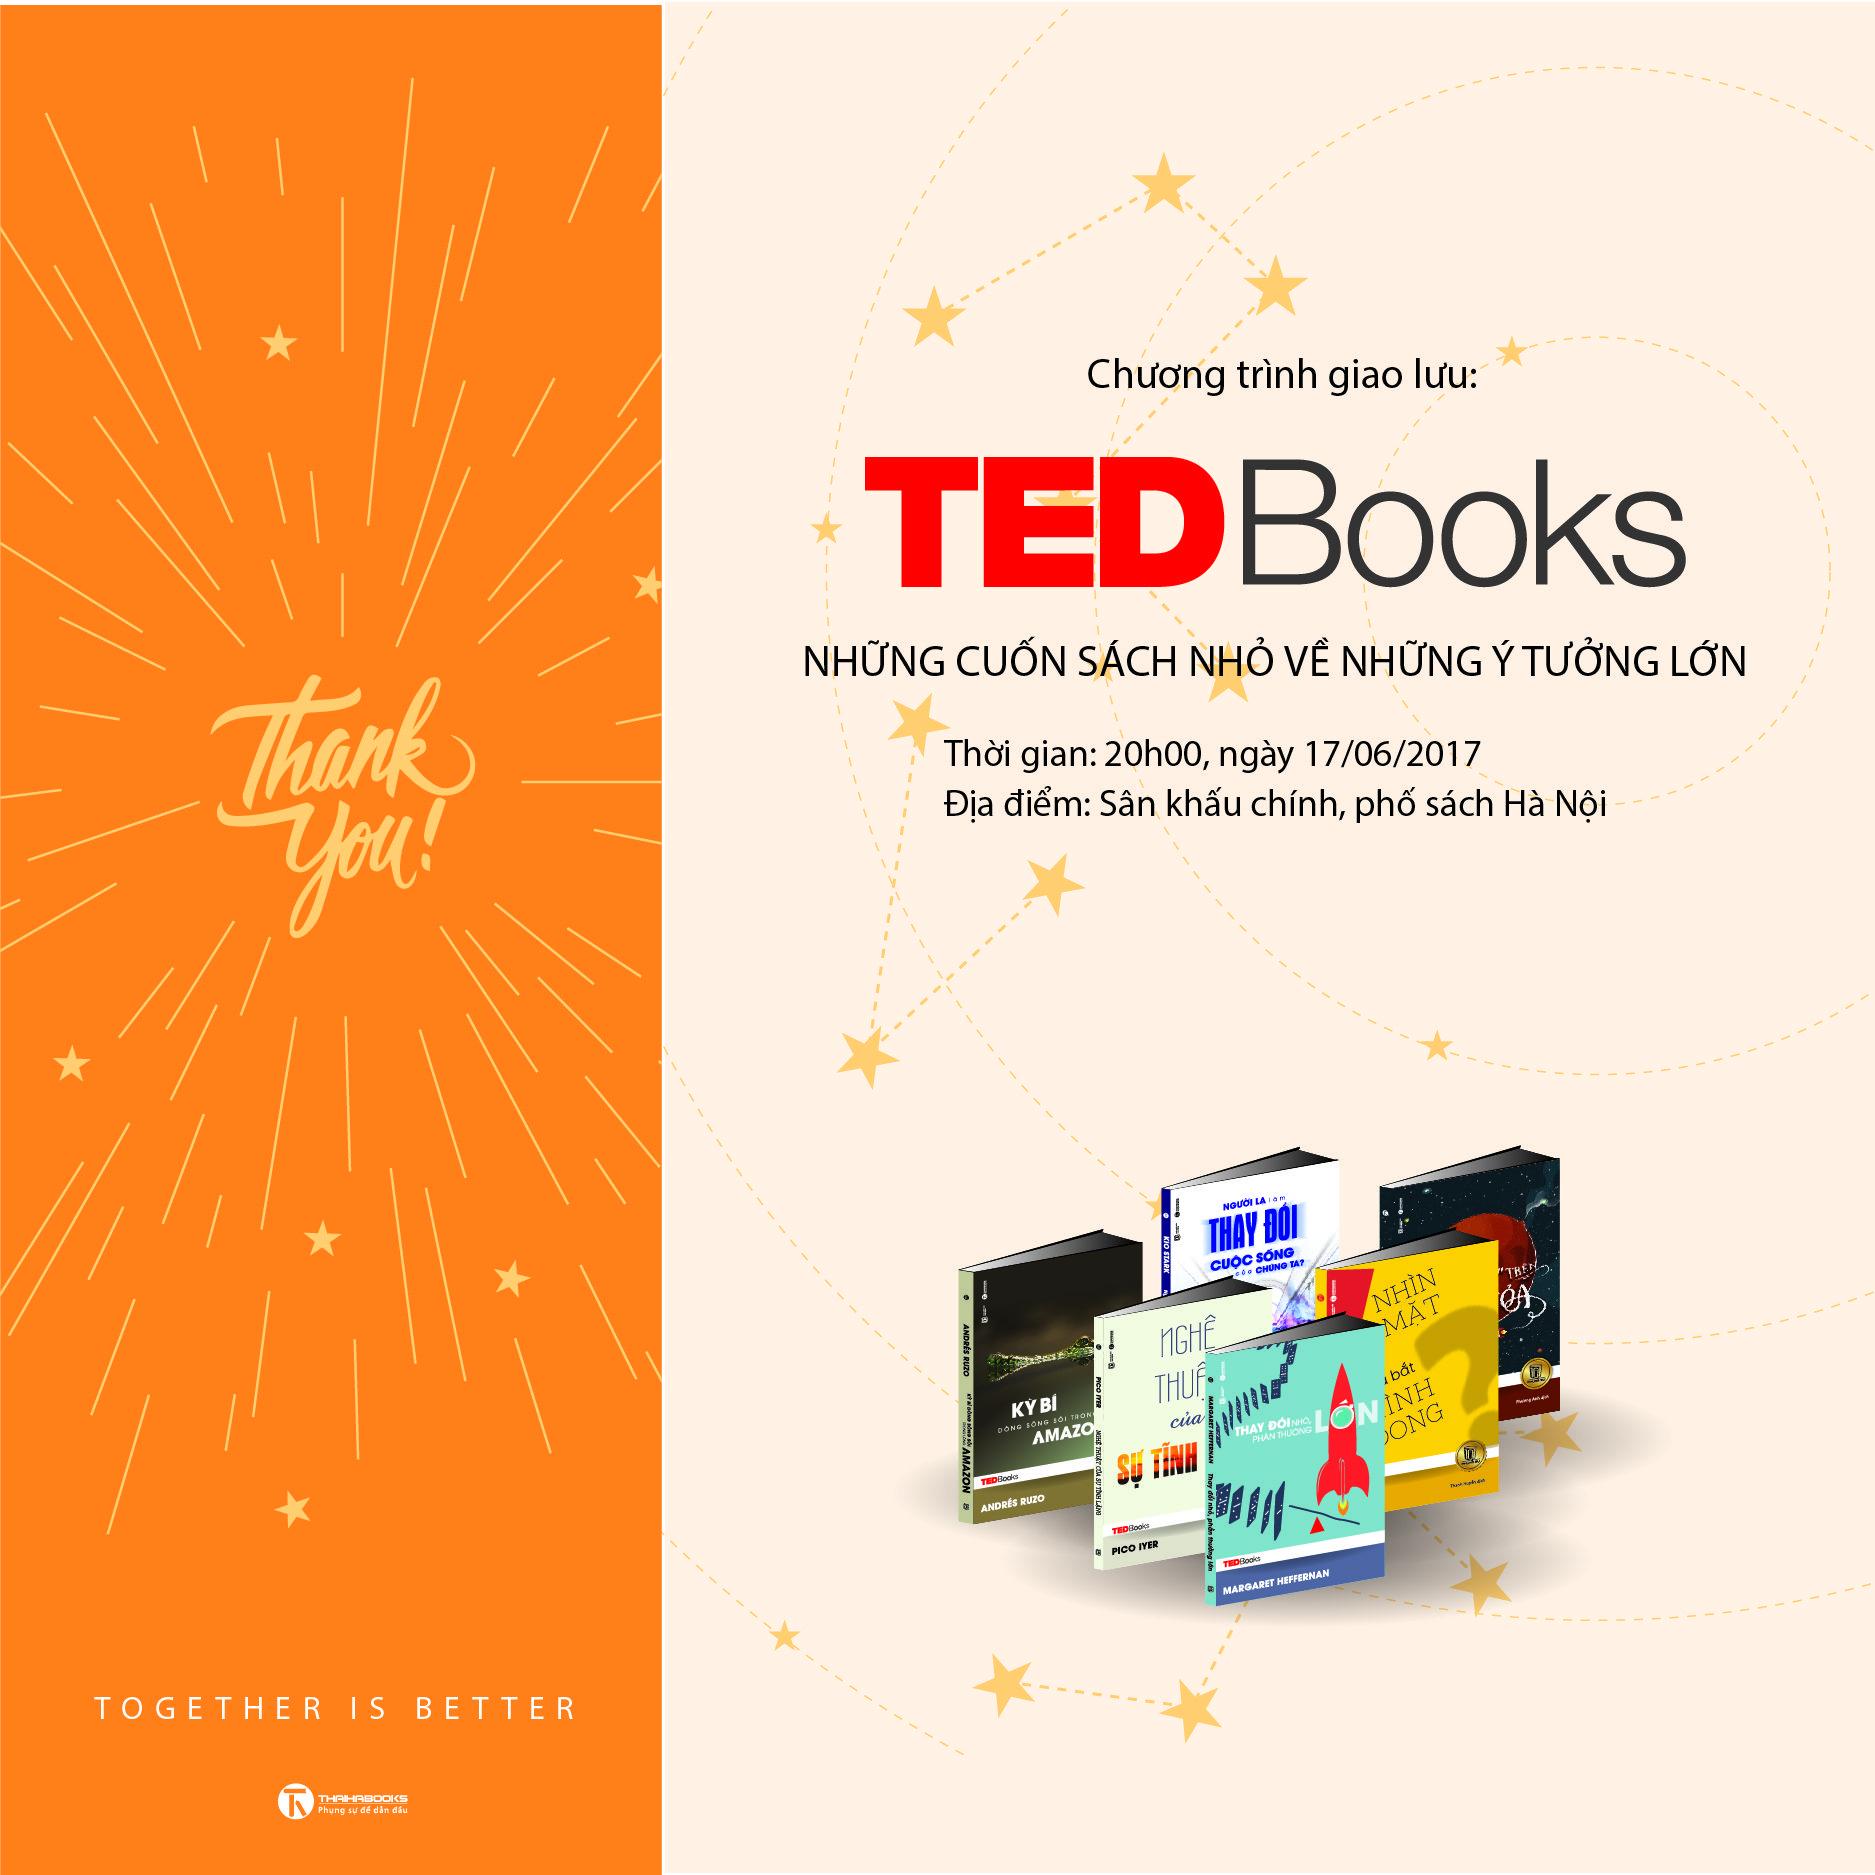 """Mừng ThaiHaBooks 10 tuổi: 20h00 ngày 17/06 Reading tour số 36: """"TEDBooks – Những cuốn sách nhỏ về những ý tưởng lớn"""""""